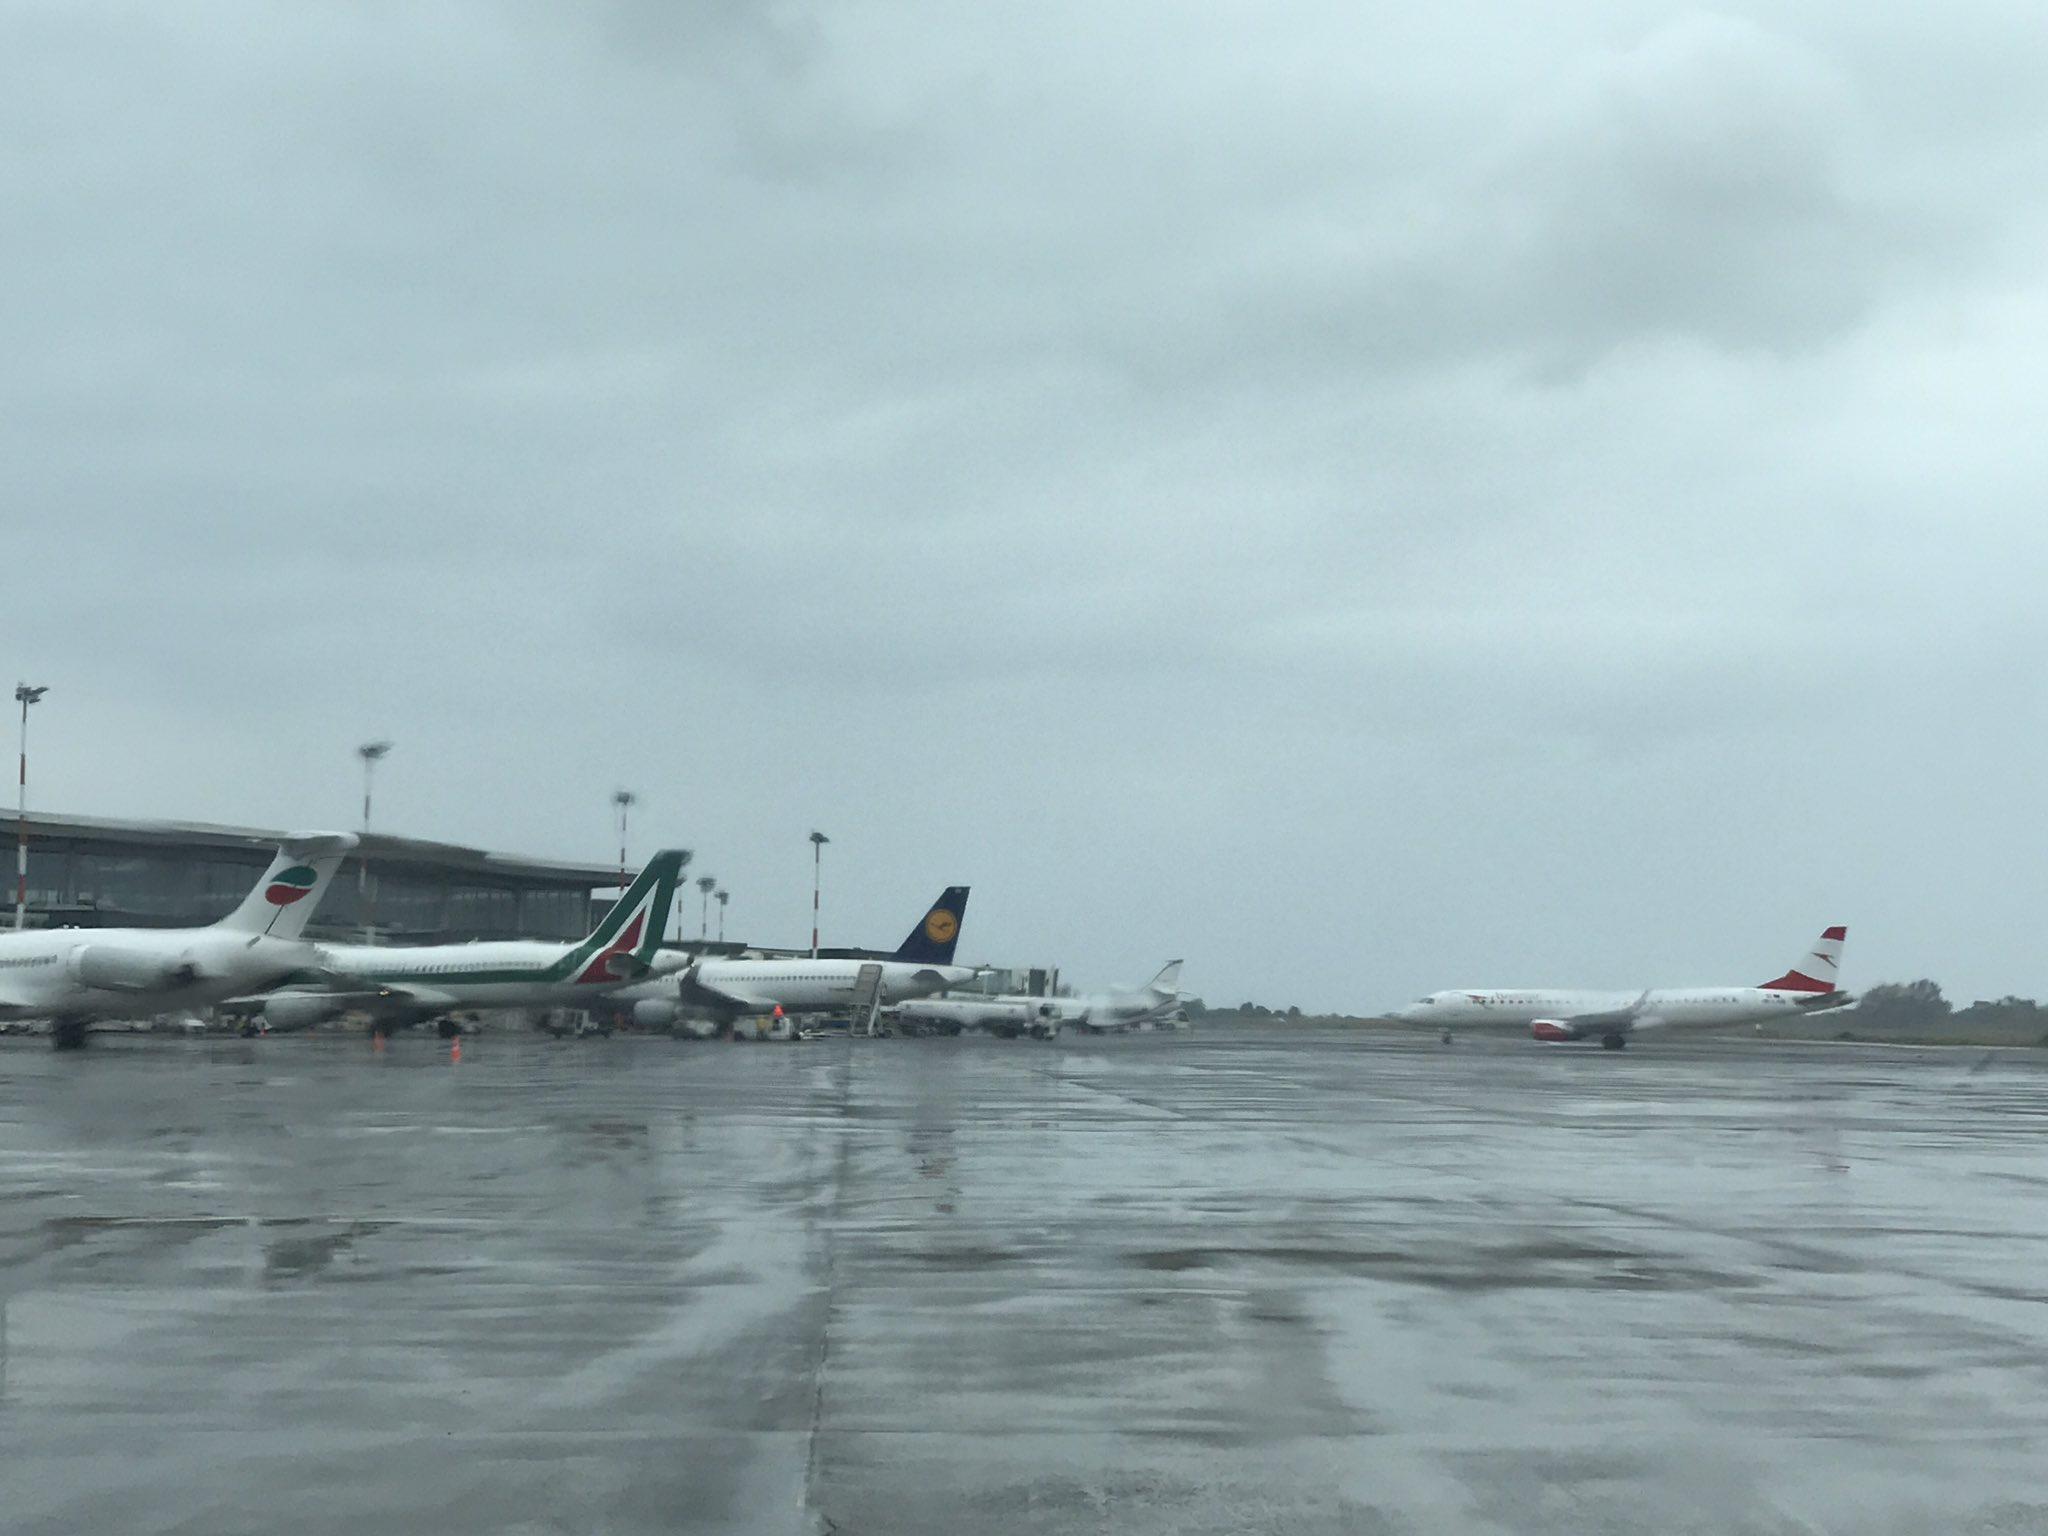 Aeroporto di Catania: possibili ritardi sui voli in arrivo e in partenza a causa del maltempo